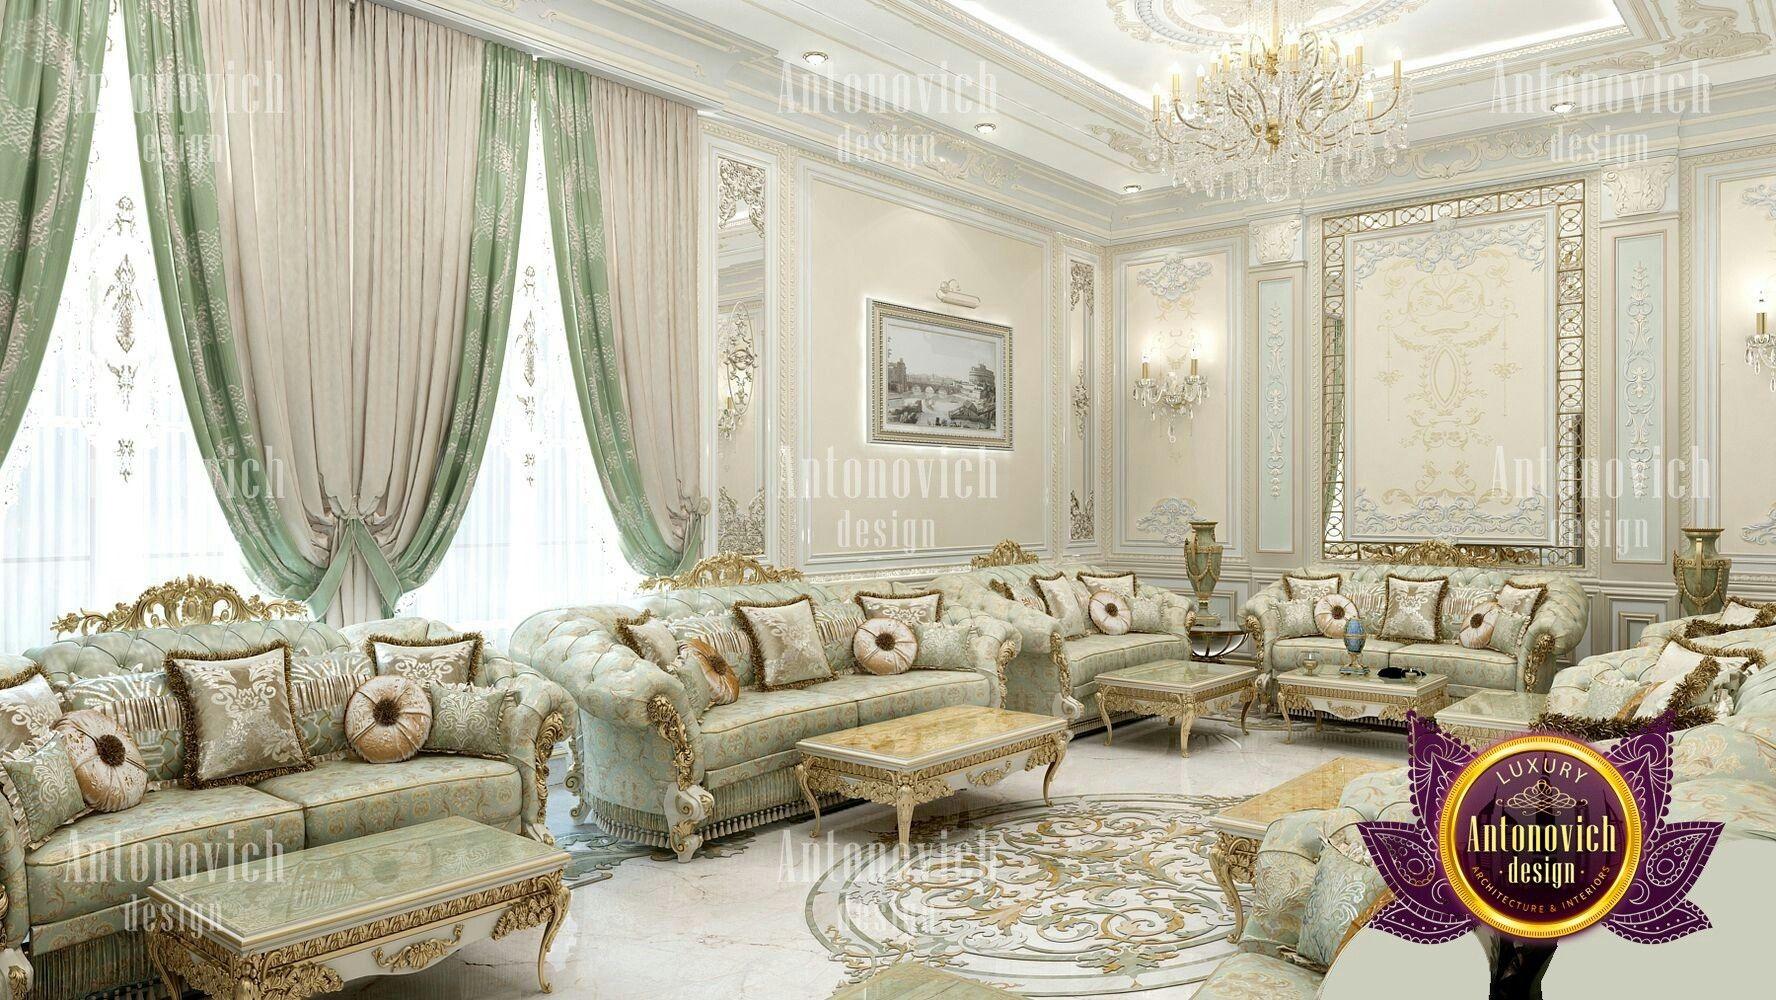 Pin By Xxxxxx On Luxury Design Interior Design Design Luxury Design